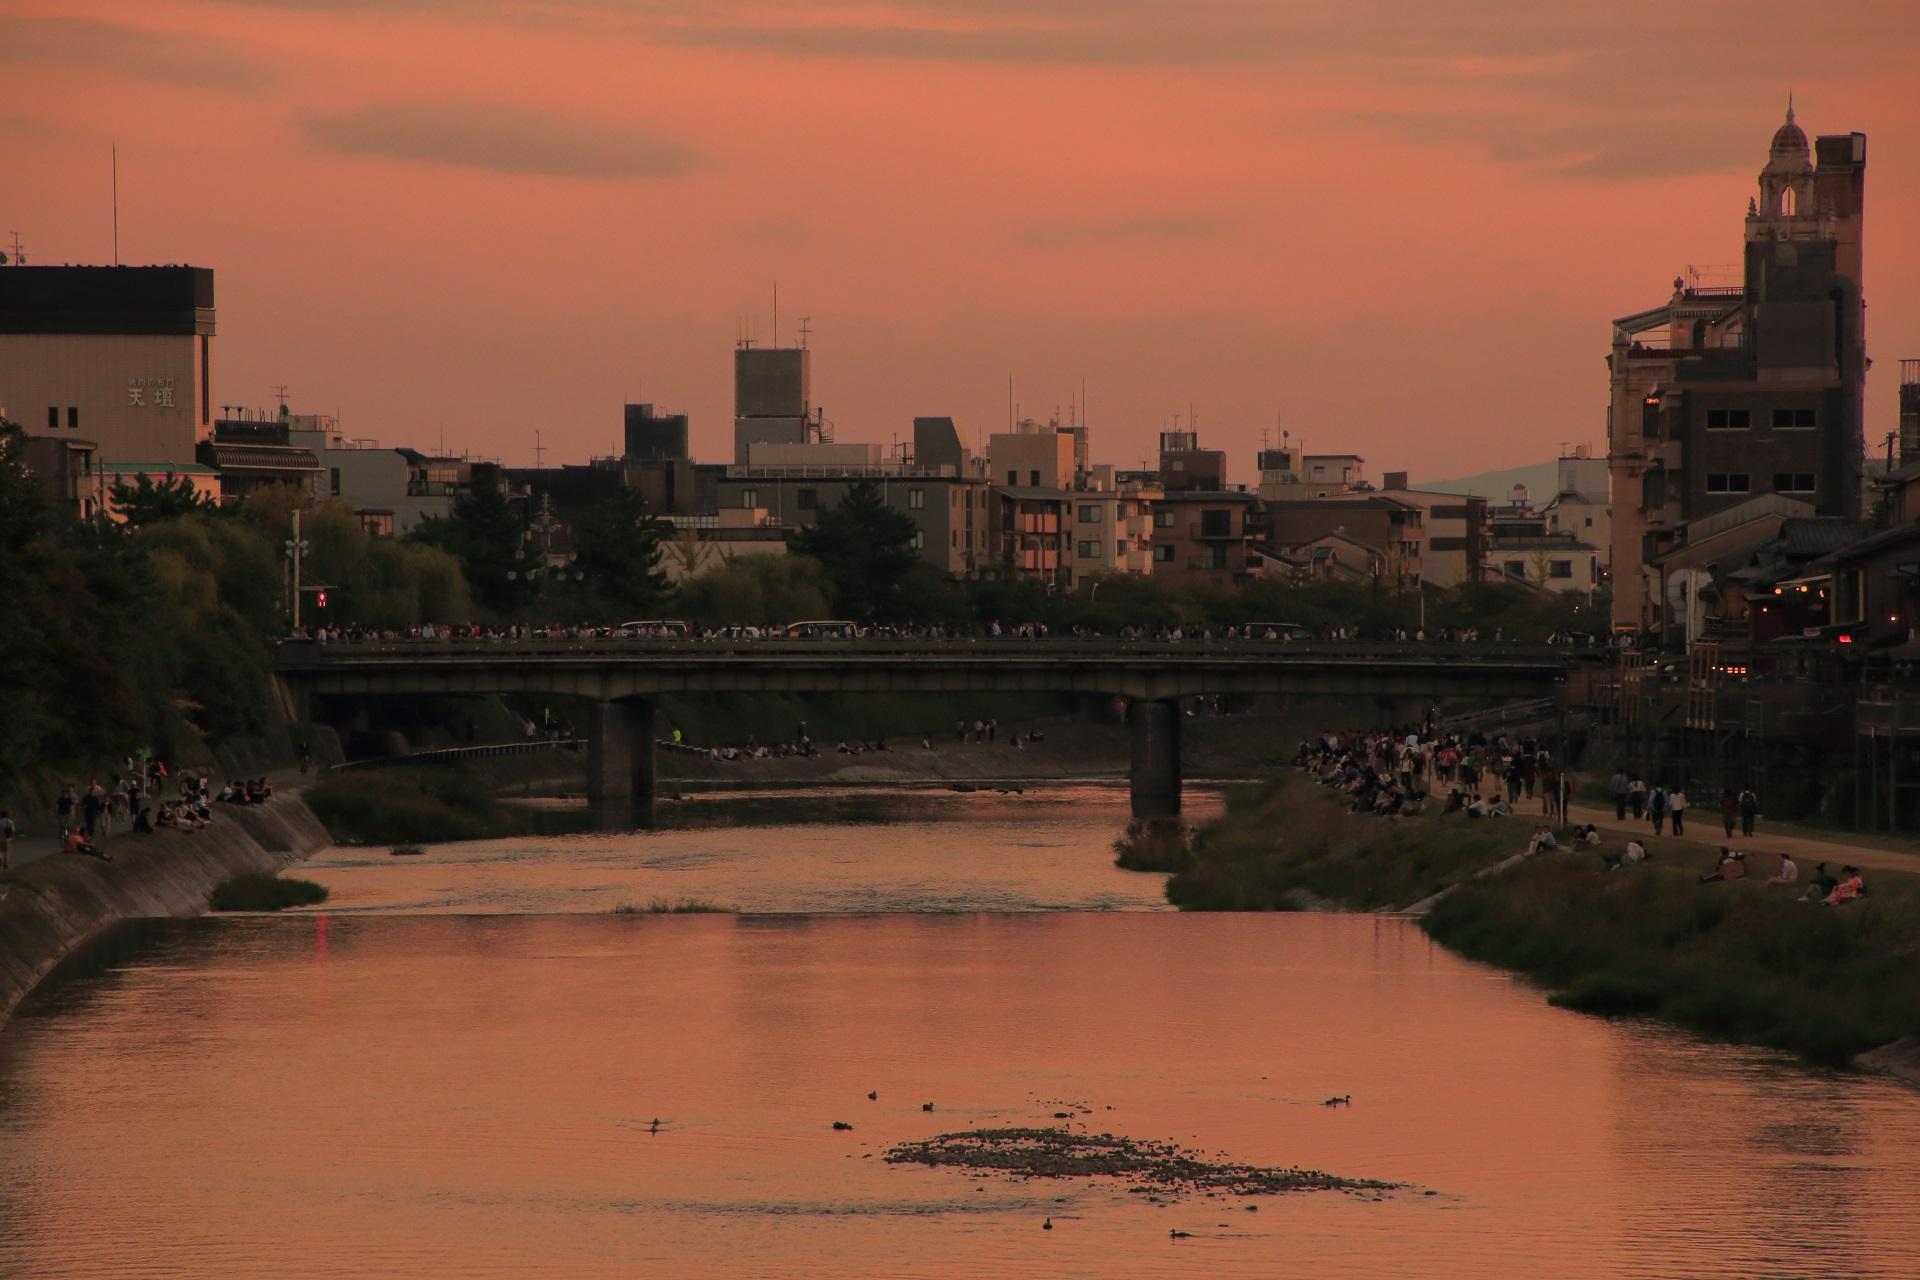 夕焼けに染まる鴨川の四条大橋と東華菜館